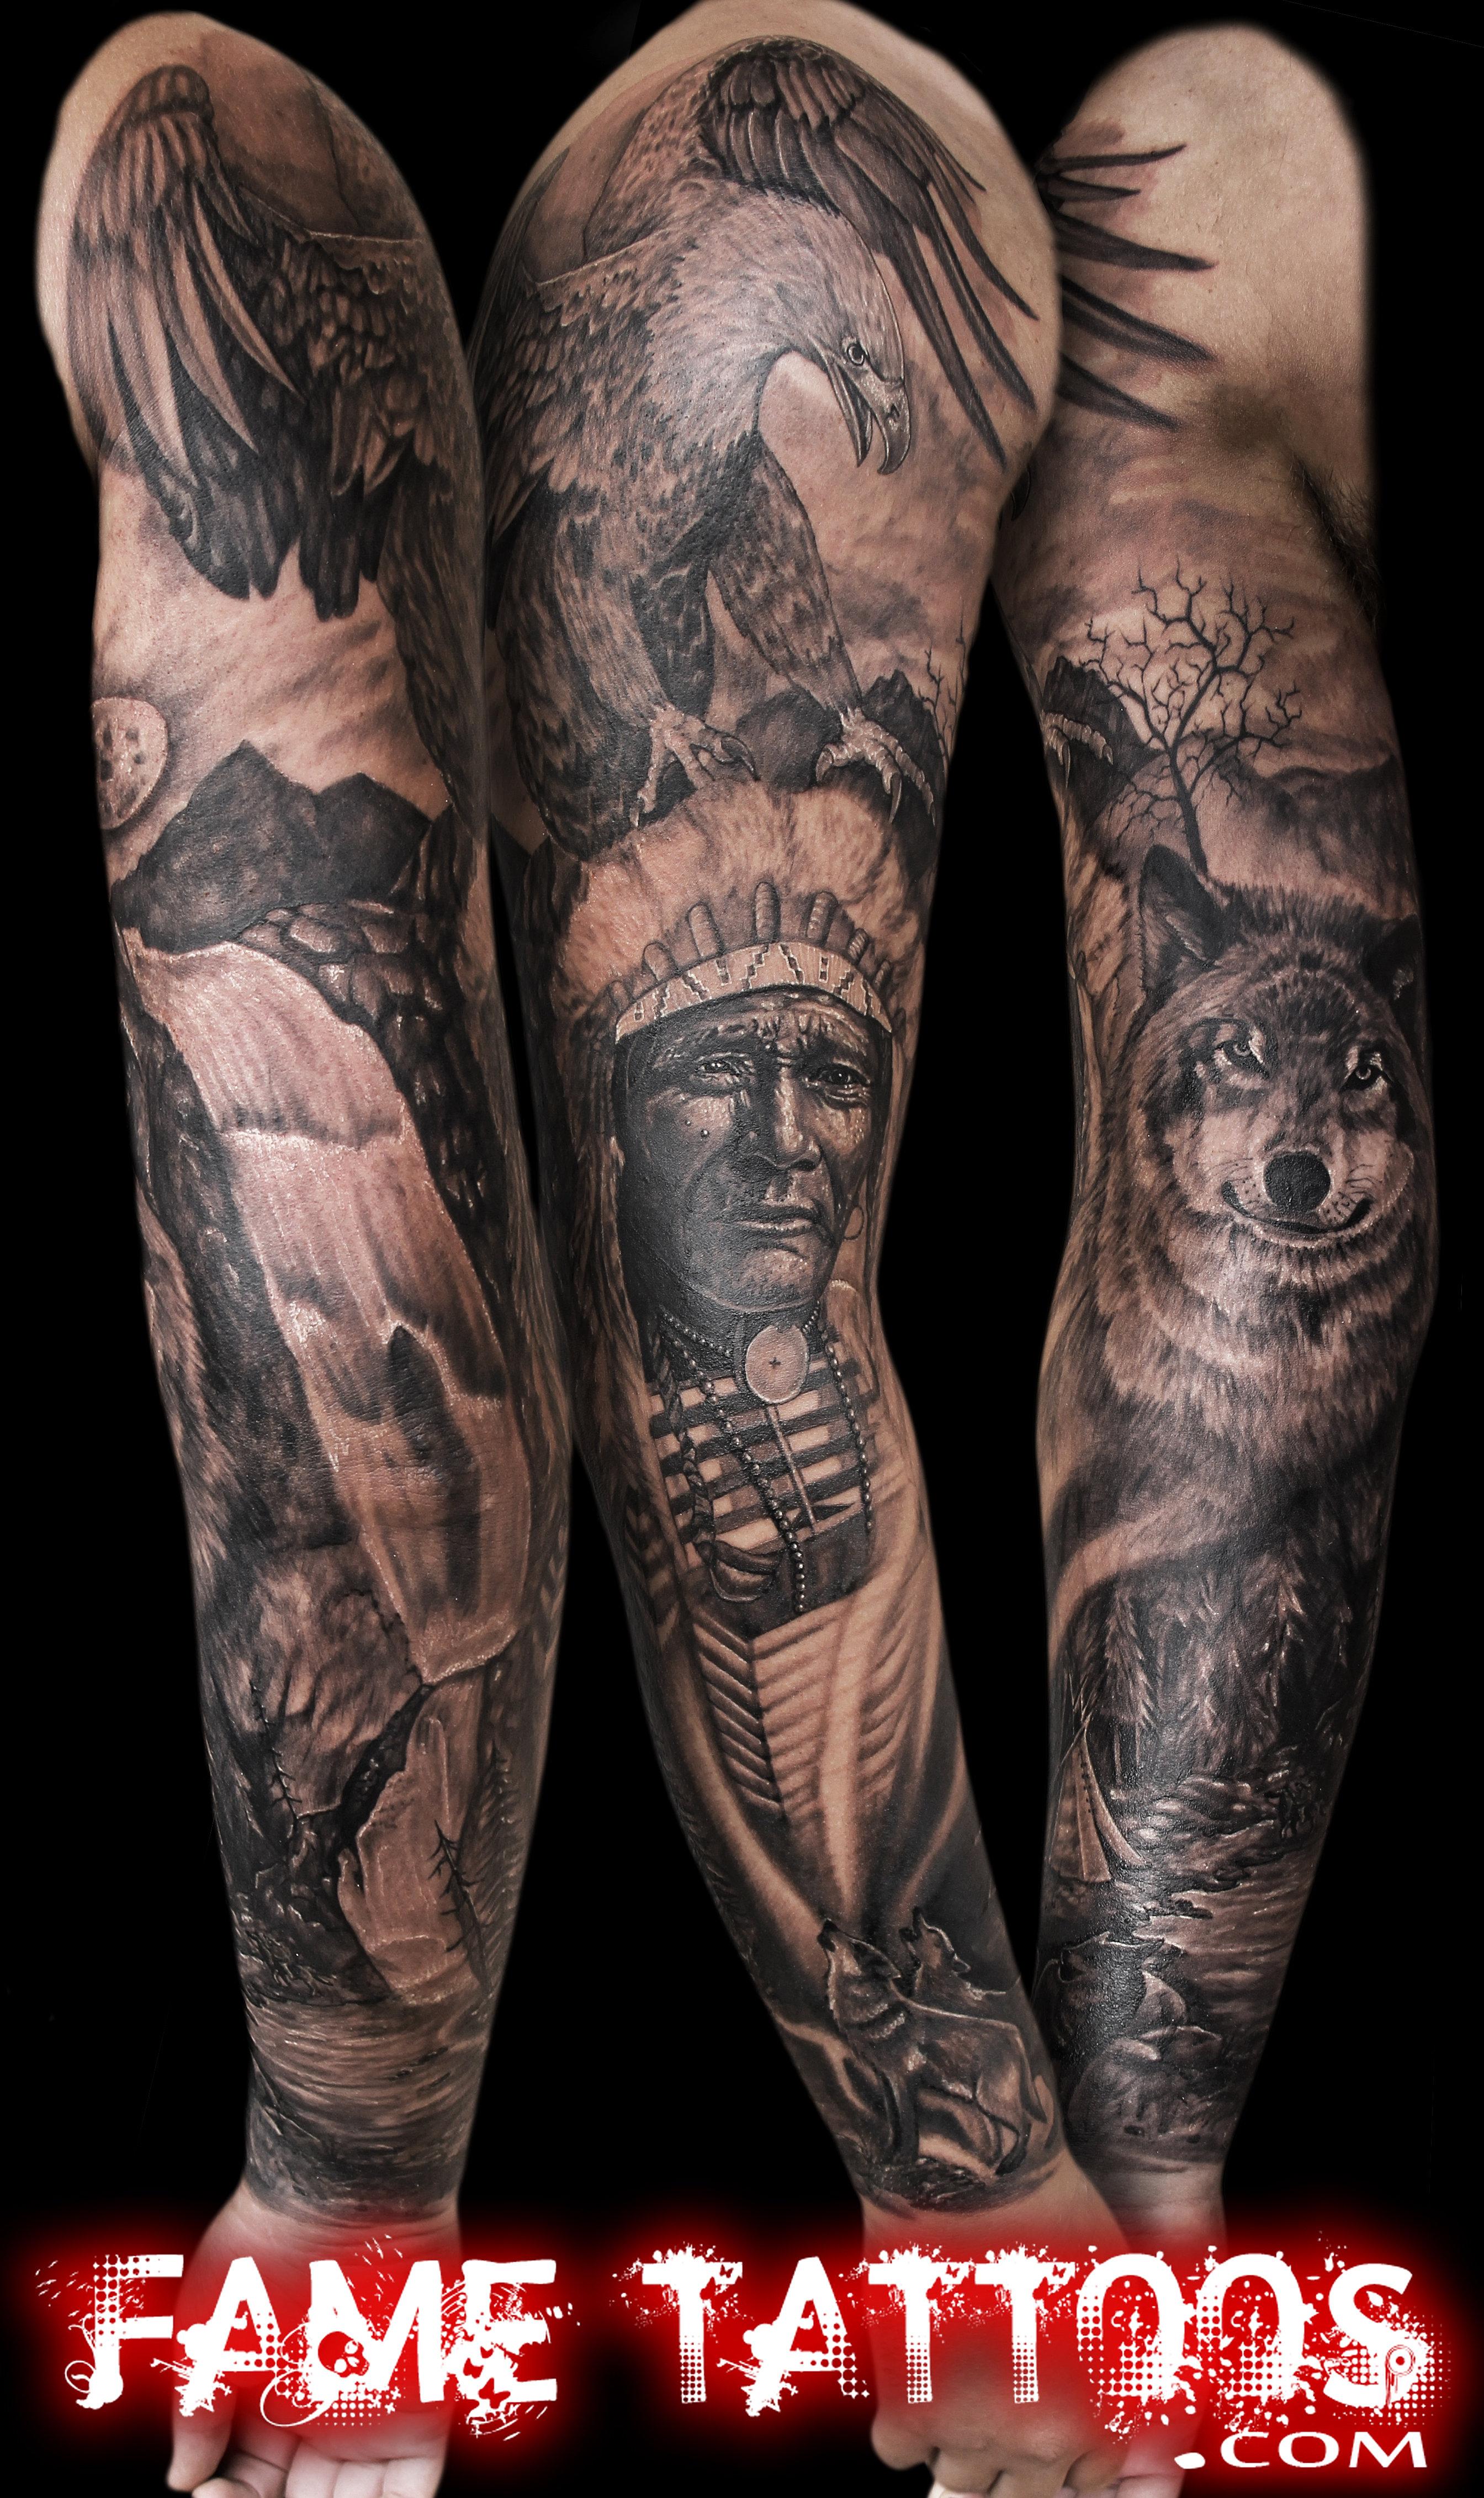 Fame tattoos best tattoo artist in miami miami tattoo for Best tattoo artists in america